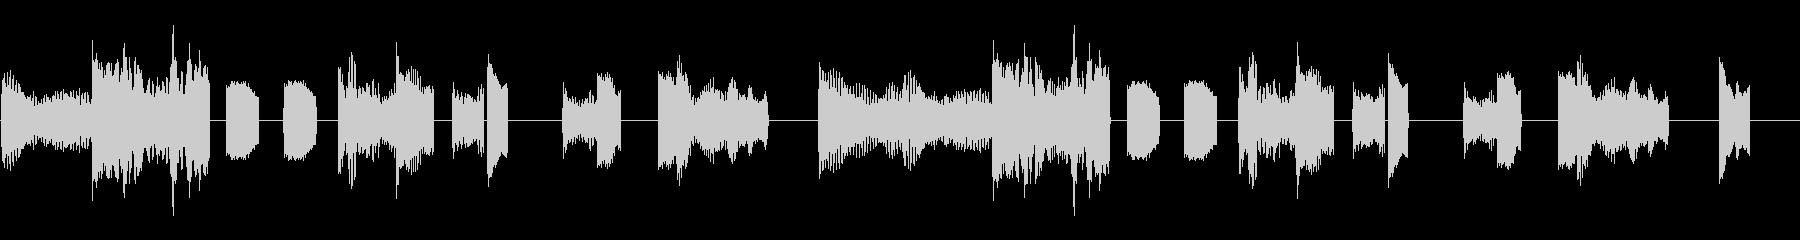 ローズピアノ音色のループの未再生の波形